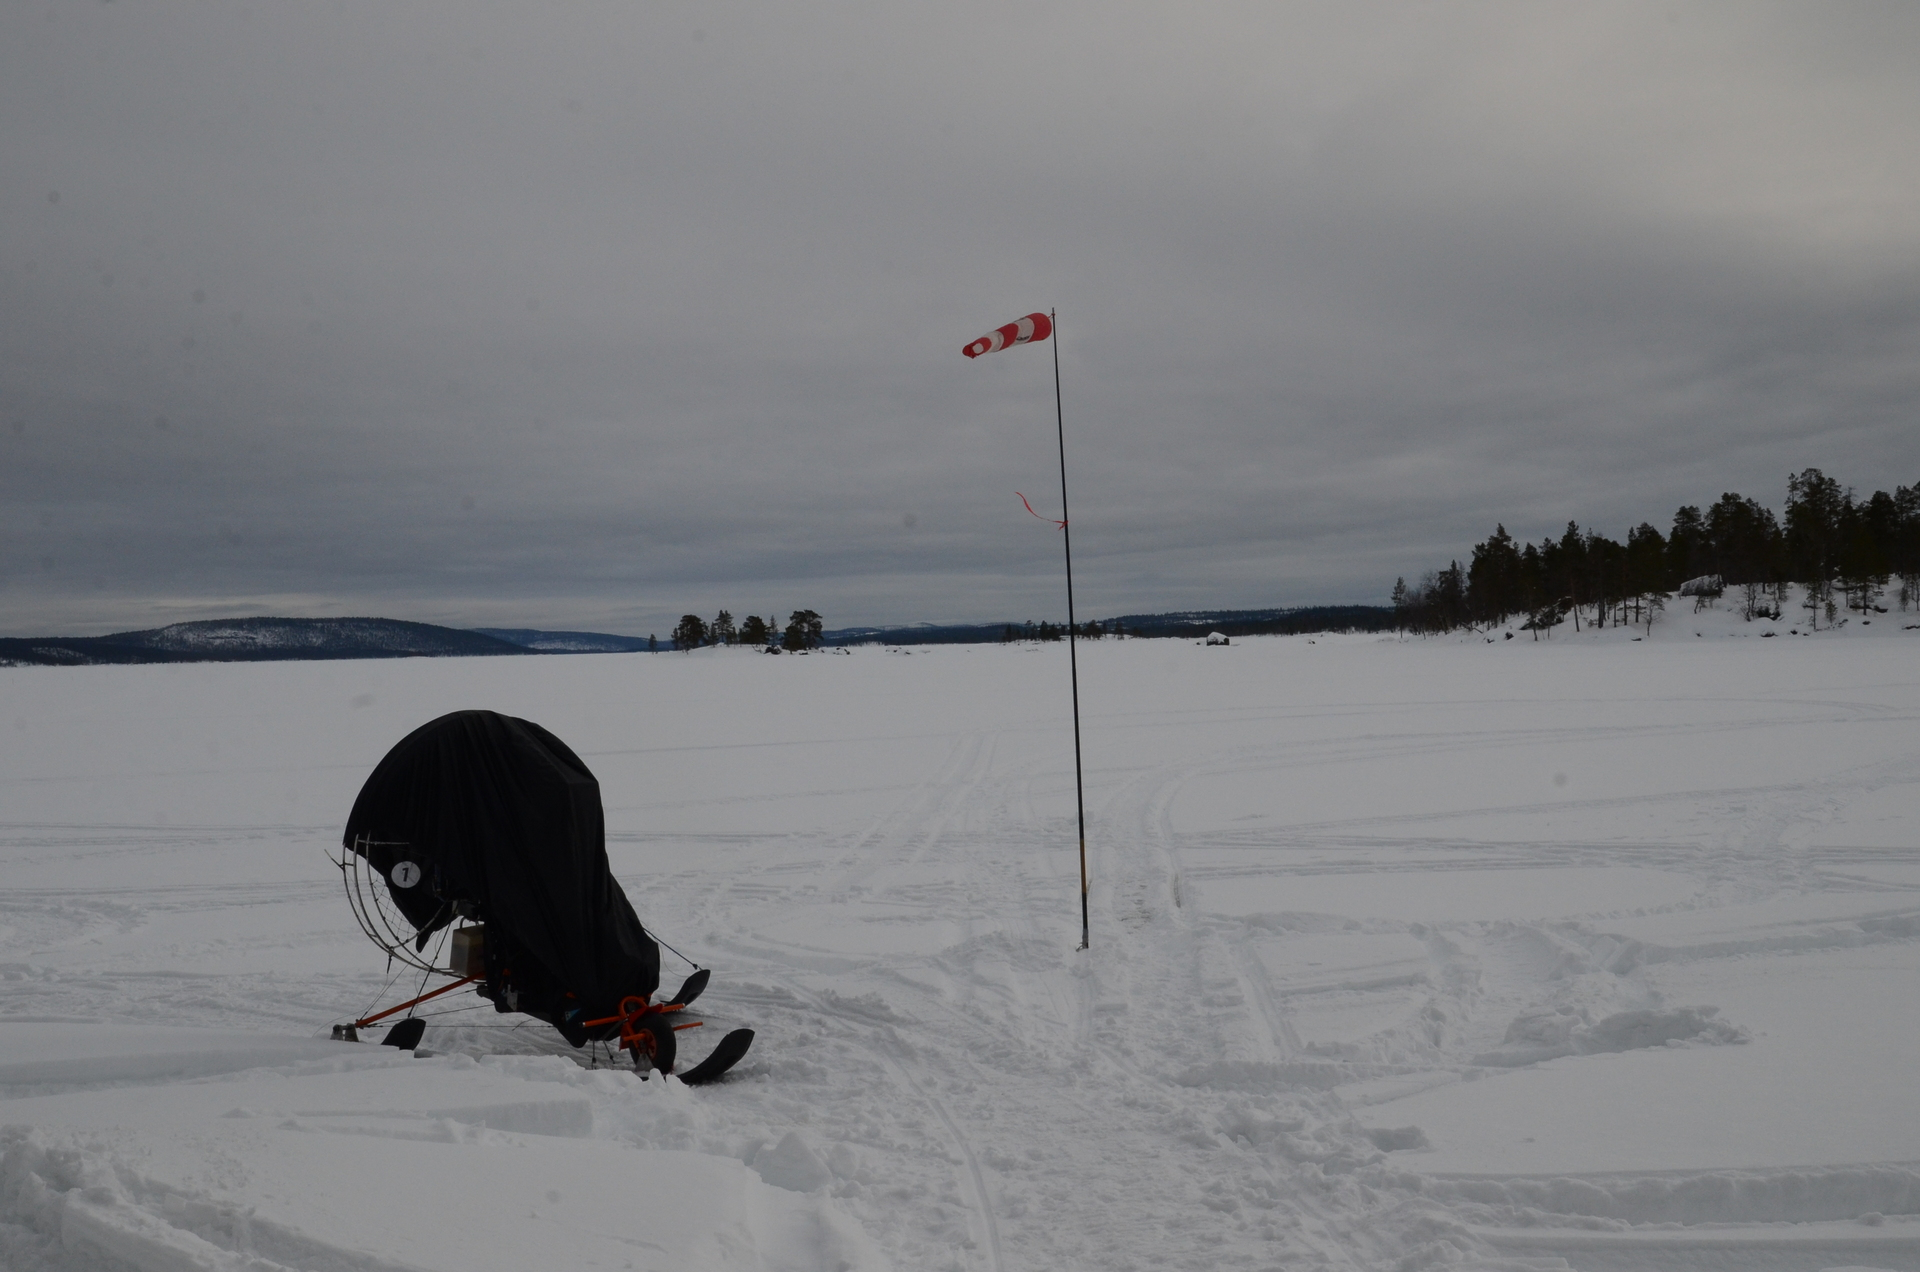 Tuuli tuiversi päivällä, mutta illemmalla hieman tyyntyi, joten päätettin tehdä Ranskalisille hiihtäjille tilaa ja palata Veskoniemeen yöksi. Ihmettelivät kun Eki joi vettä avannosta, että onko se juomakelpoista:)